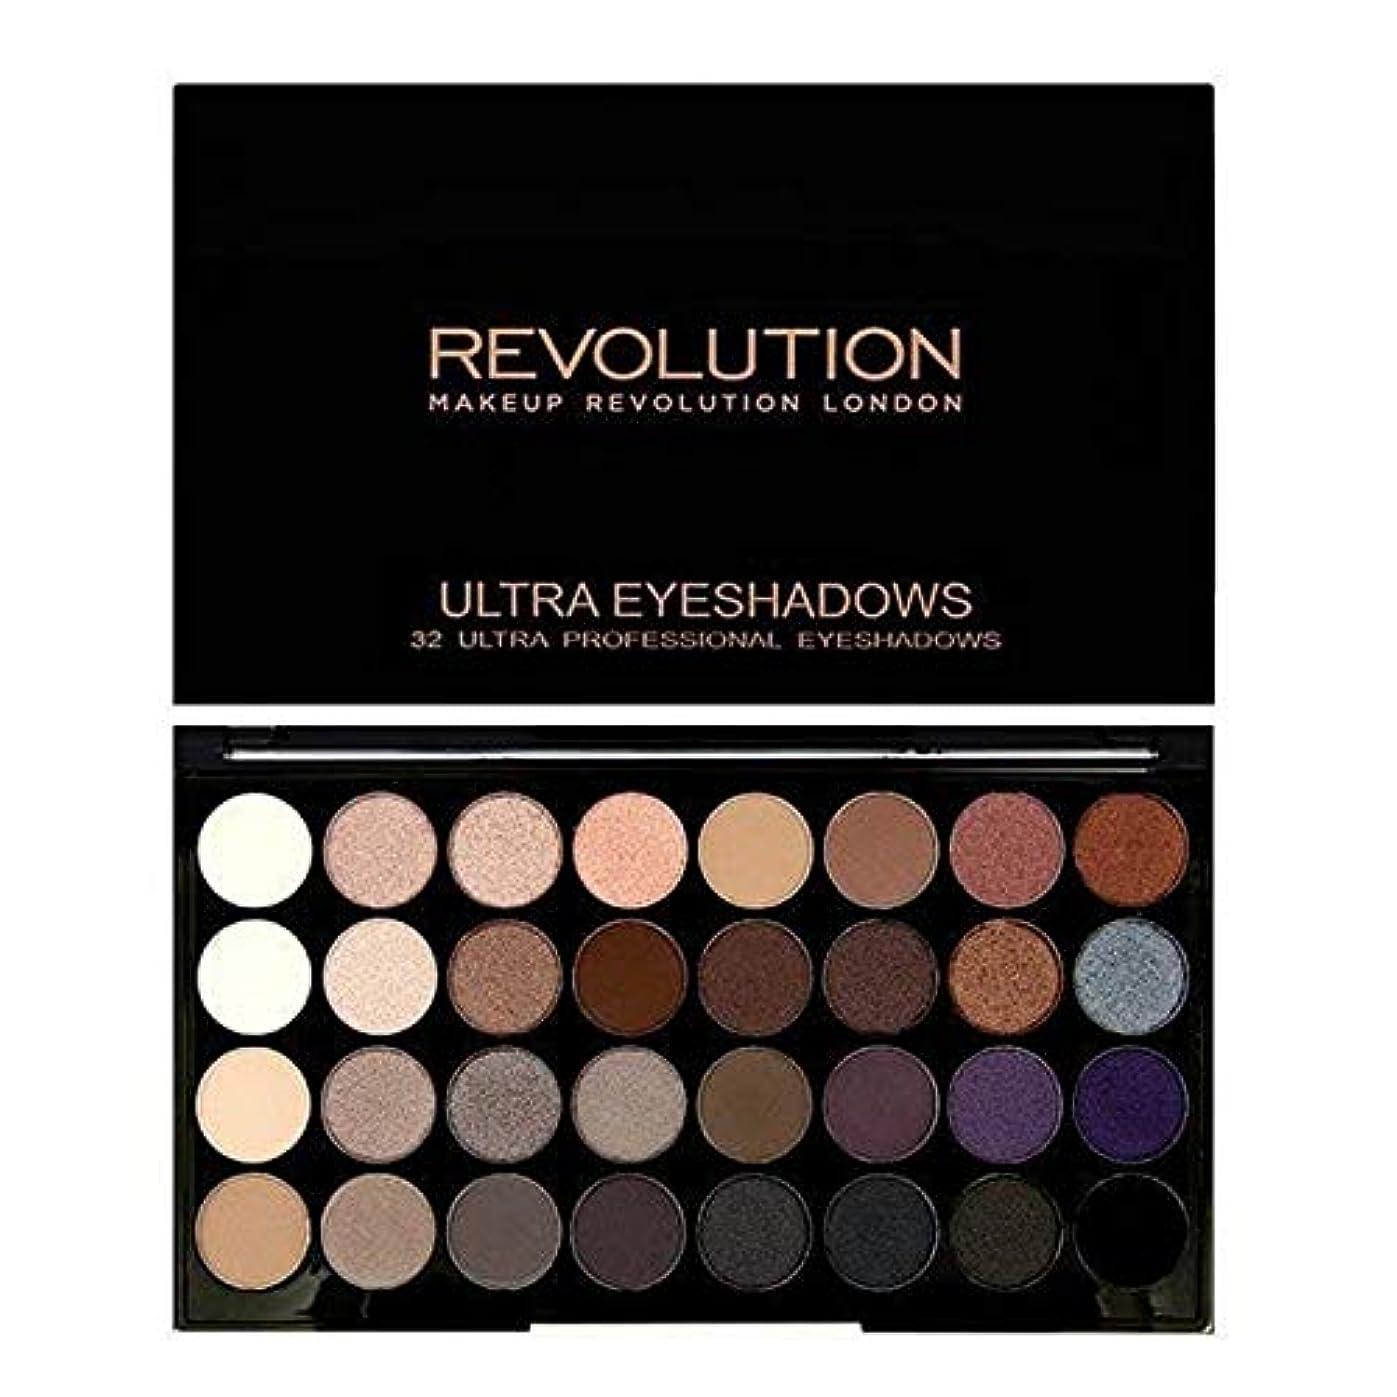 卵実り多いカトリック教徒[Revolution ] 革命32アイシャドウパレット肯定 - Revolution 32 Eye Shadow Palette Affirmation [並行輸入品]